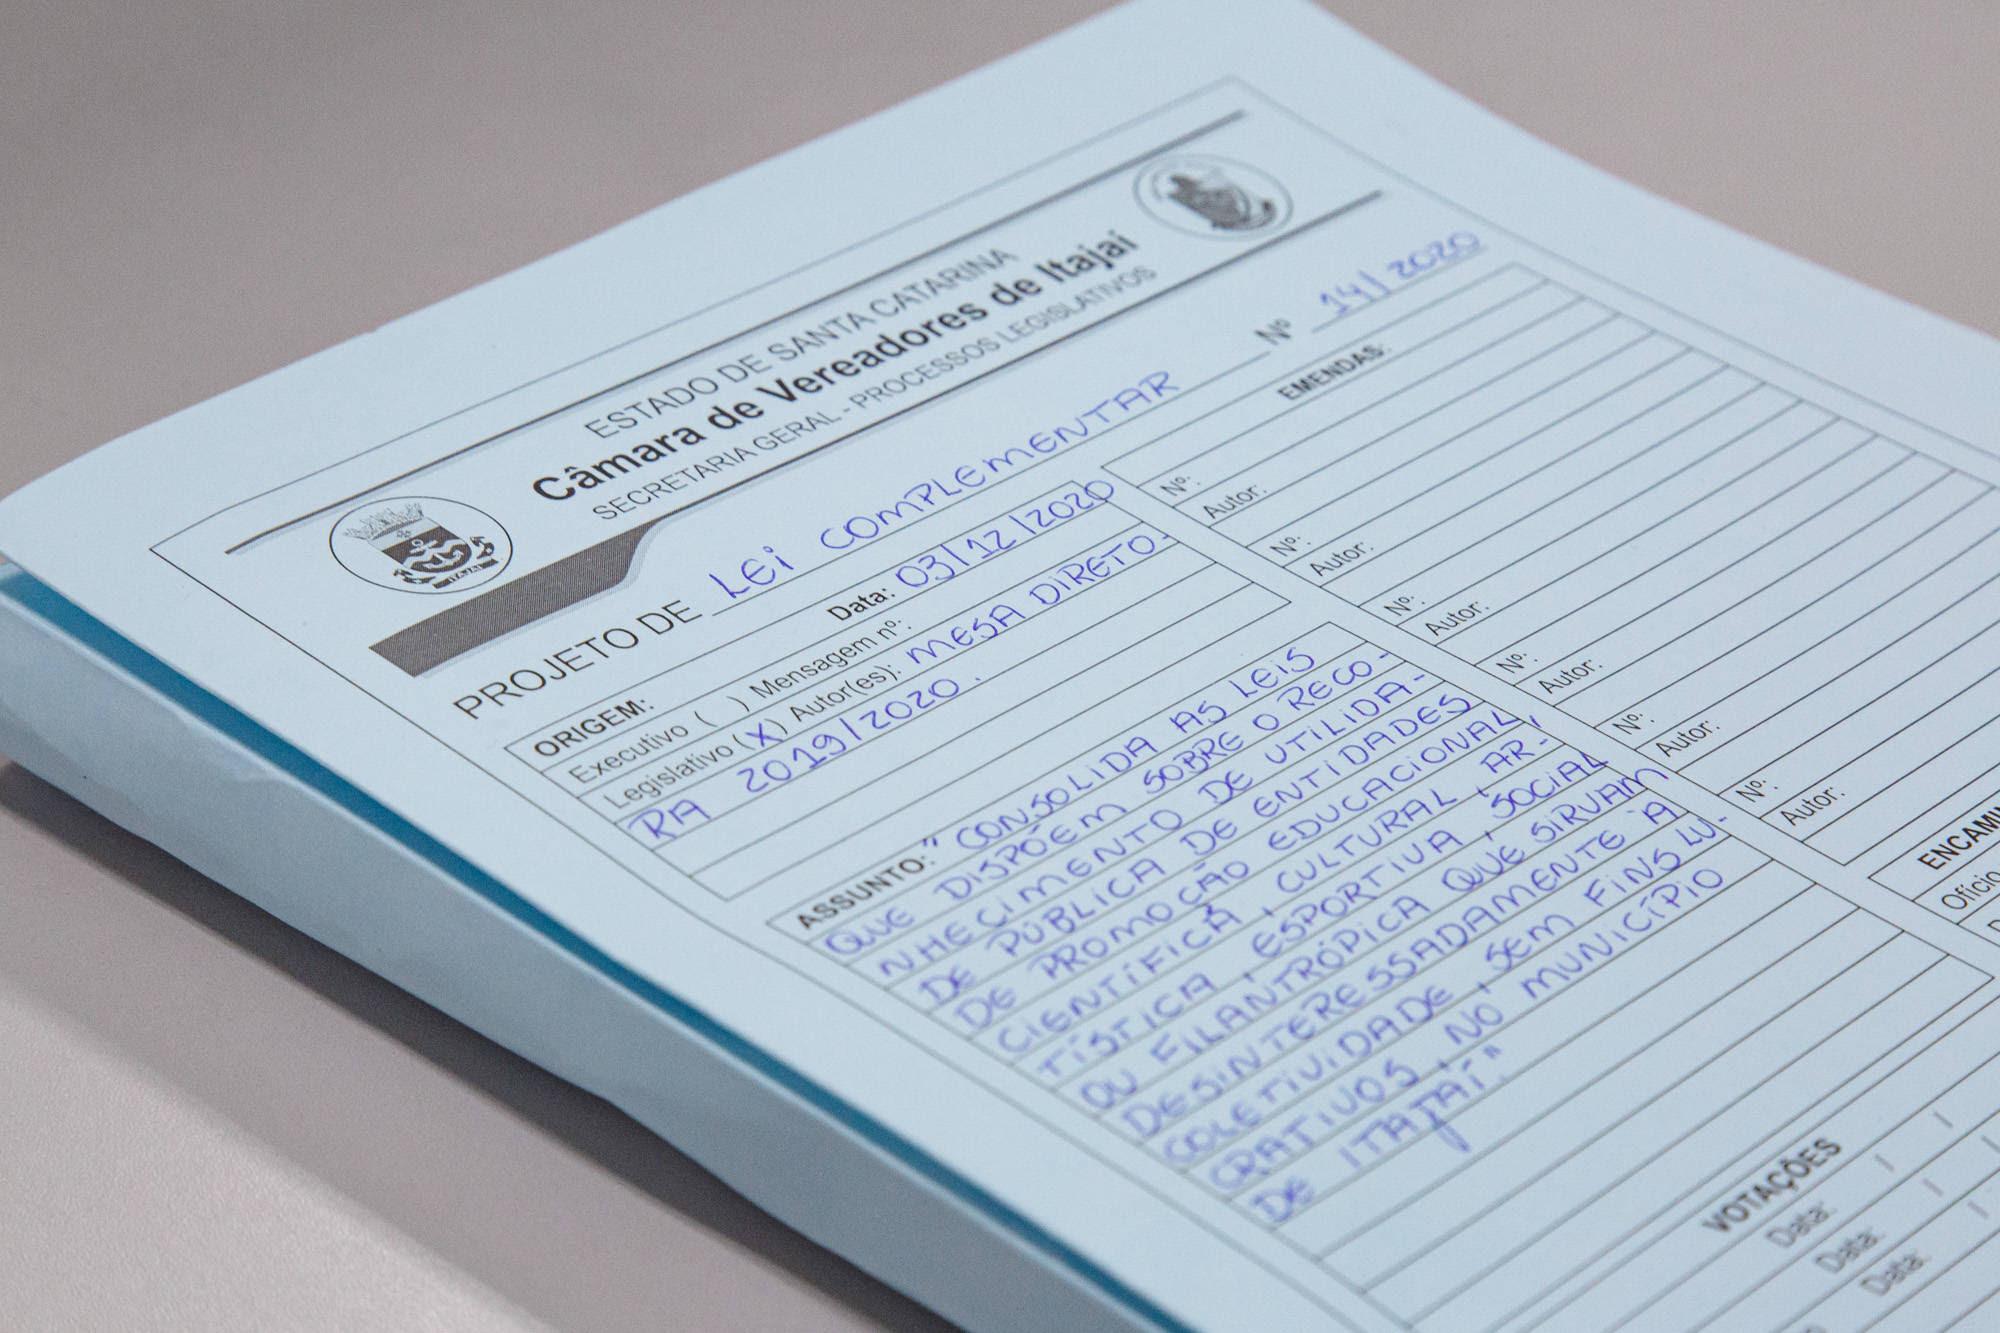 Câmara de Itajaí discutiu e votou até 150 vezes mais leis que a média do Congresso Nacional